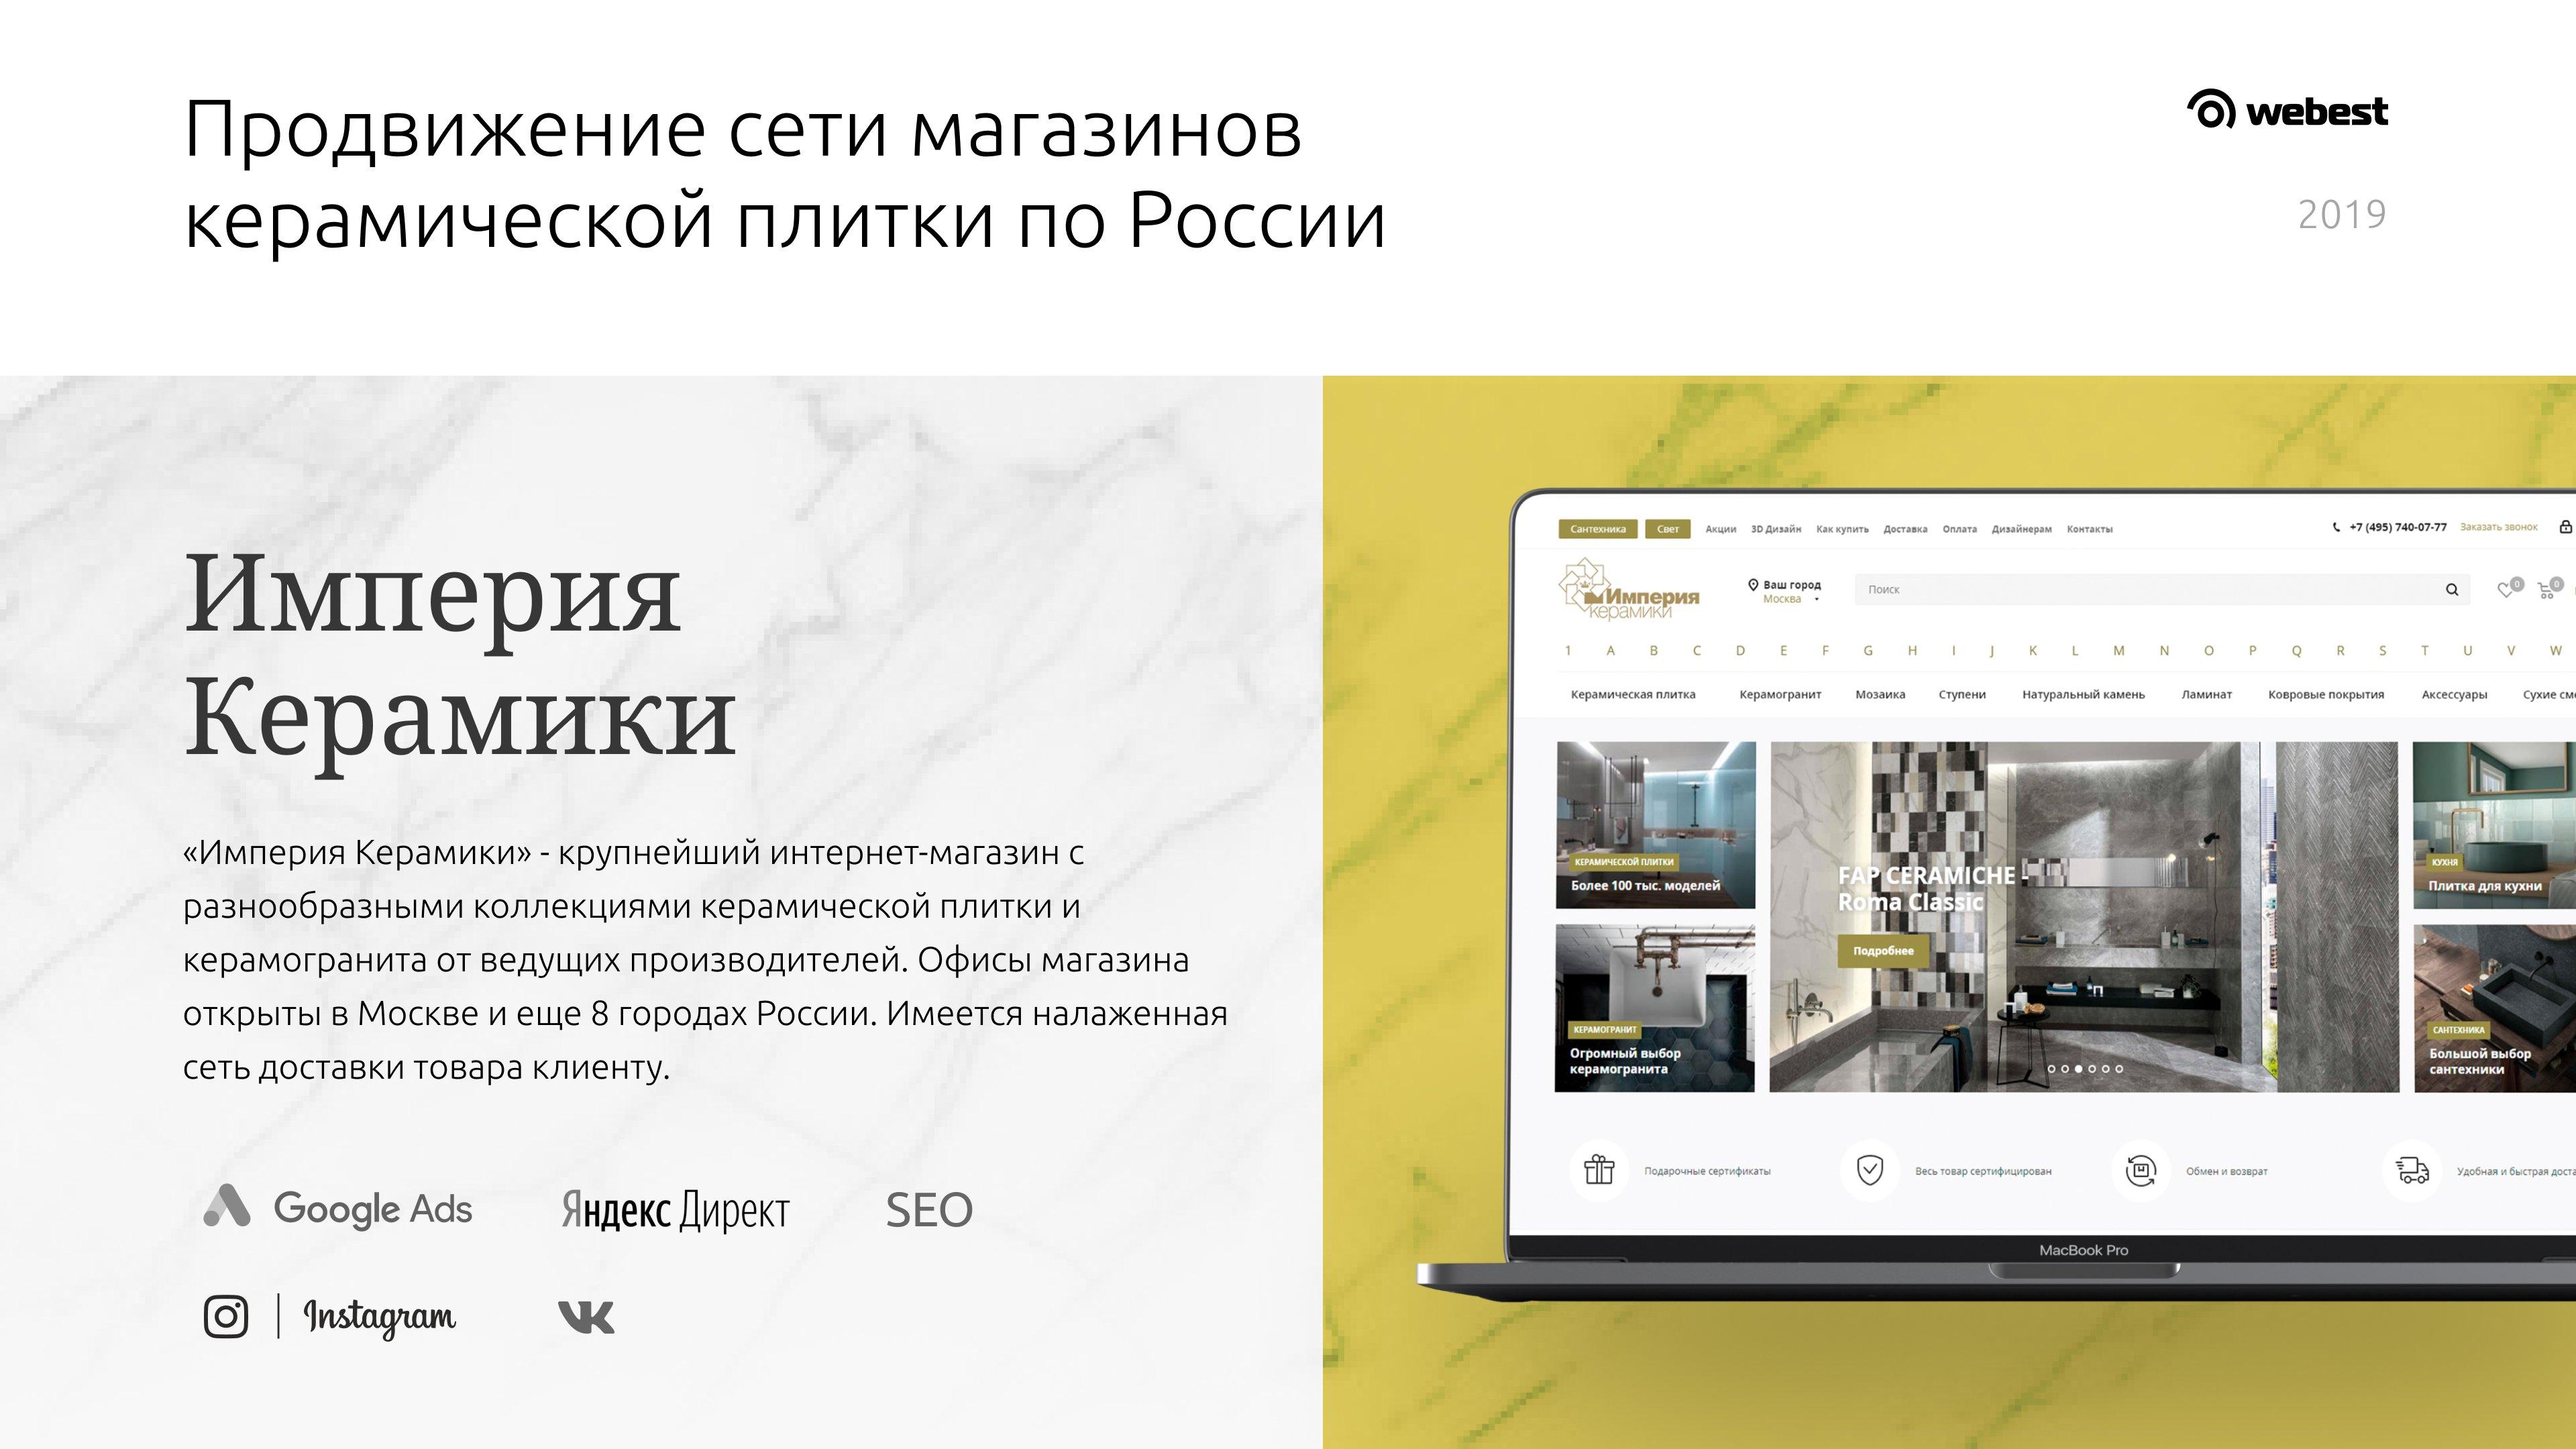 Комплексное продвижение интернет-магазина «Империя керамики»